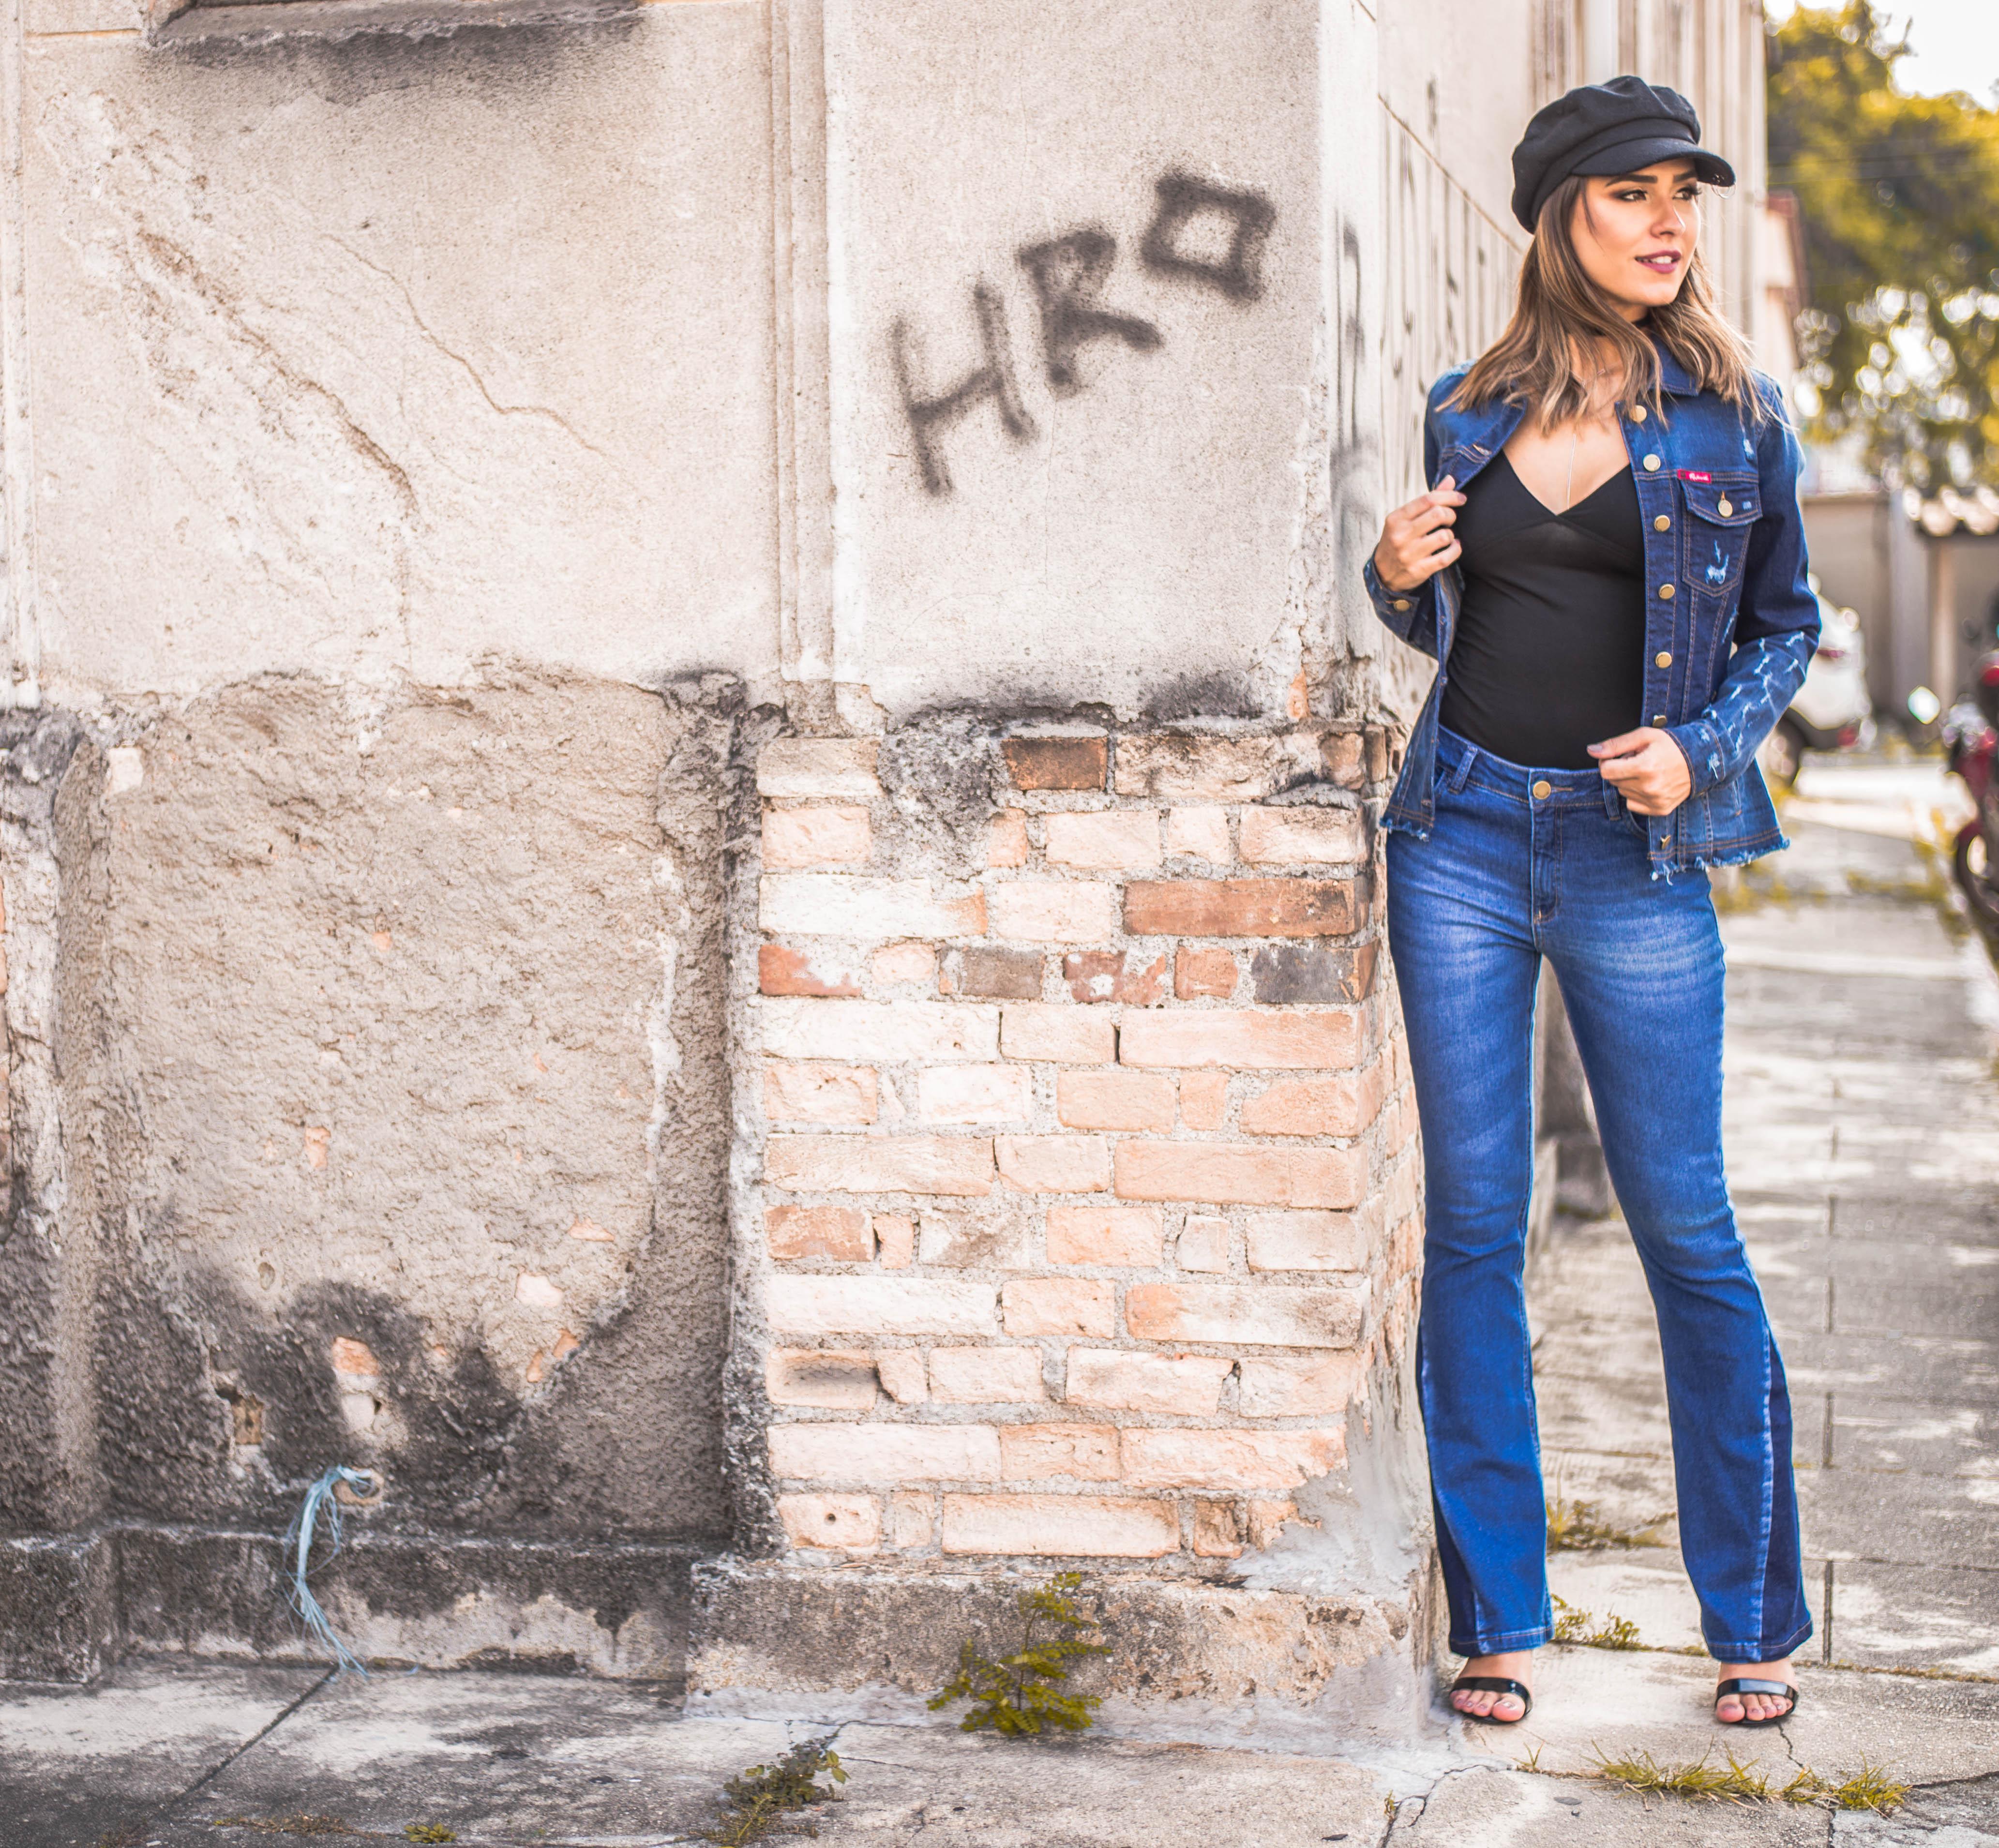 bcfa83add Confira os cortes de jeans que valorizam cada biotipo! | Blog ...